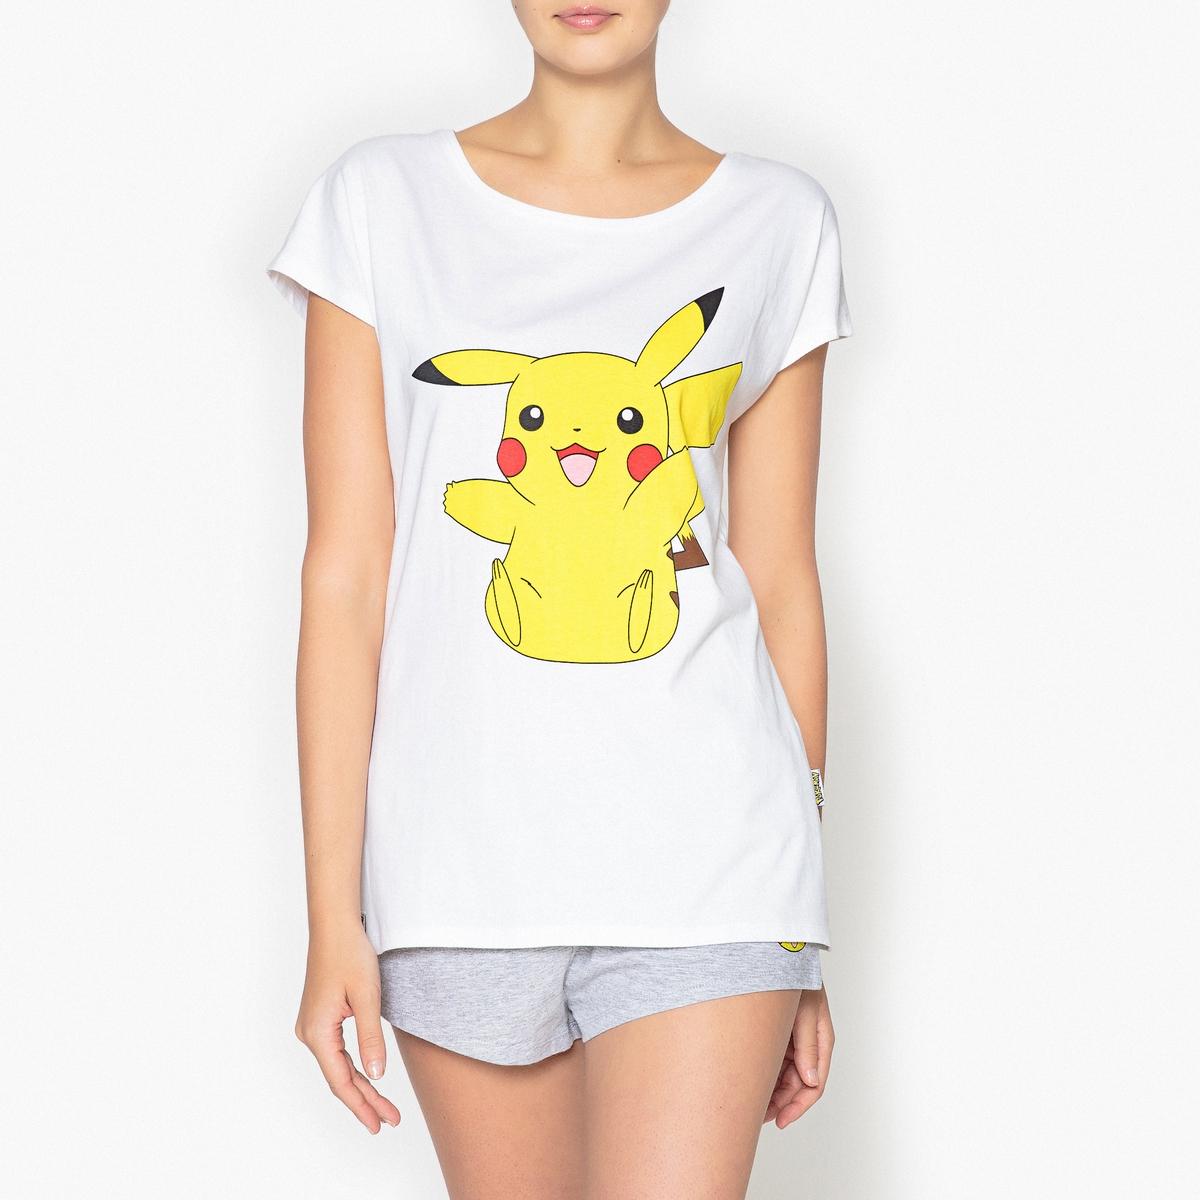 Пижама с принтом, PokemonПижама с веселым Покемоном, который поднимет настроение с утра и повеселит во время вечернего отдыха !Состав и описаниеРаздельная пижама, верх с принтом, круглый вырез, длинные рукава .Шорты с завязками . Рисунок маленький Покемон сбоку . Эластичный пояс.Марка : PokemonМатериал :  93 % хлопка, 7% полиэстера Уход: :Машинная стирка при 30 °С на деликатном режиме с вещами схожих цветов.Стирать и гладить при низкой температуре с изнаночной стороны.Машинная сушка запрещена.<br><br>Цвет: серый